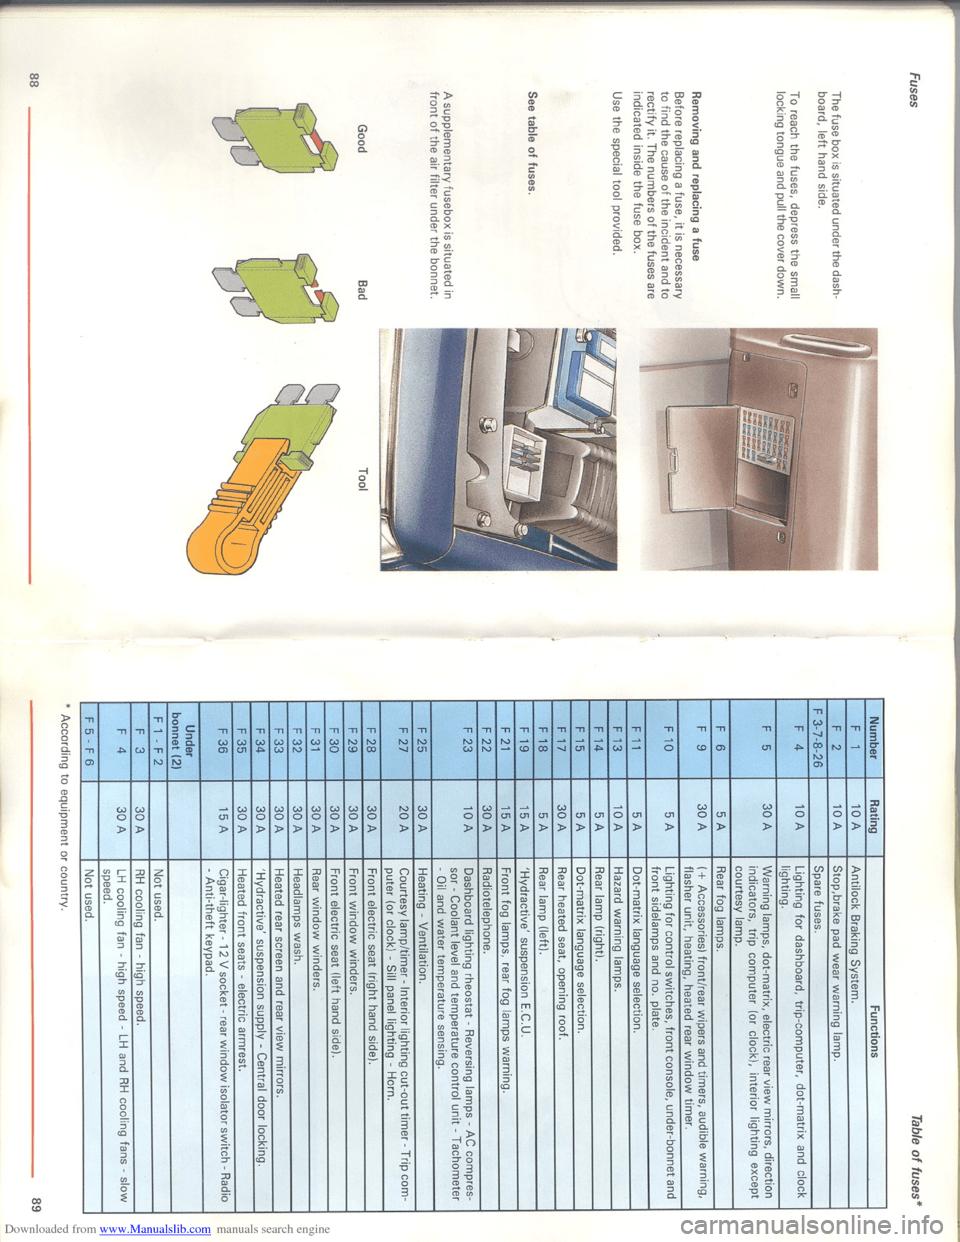 Diagram Database - Just The Best Diagram database Website | Citroen Nemo Fuse Box Diagram |  | racine.snadiagram.hosteria87.it